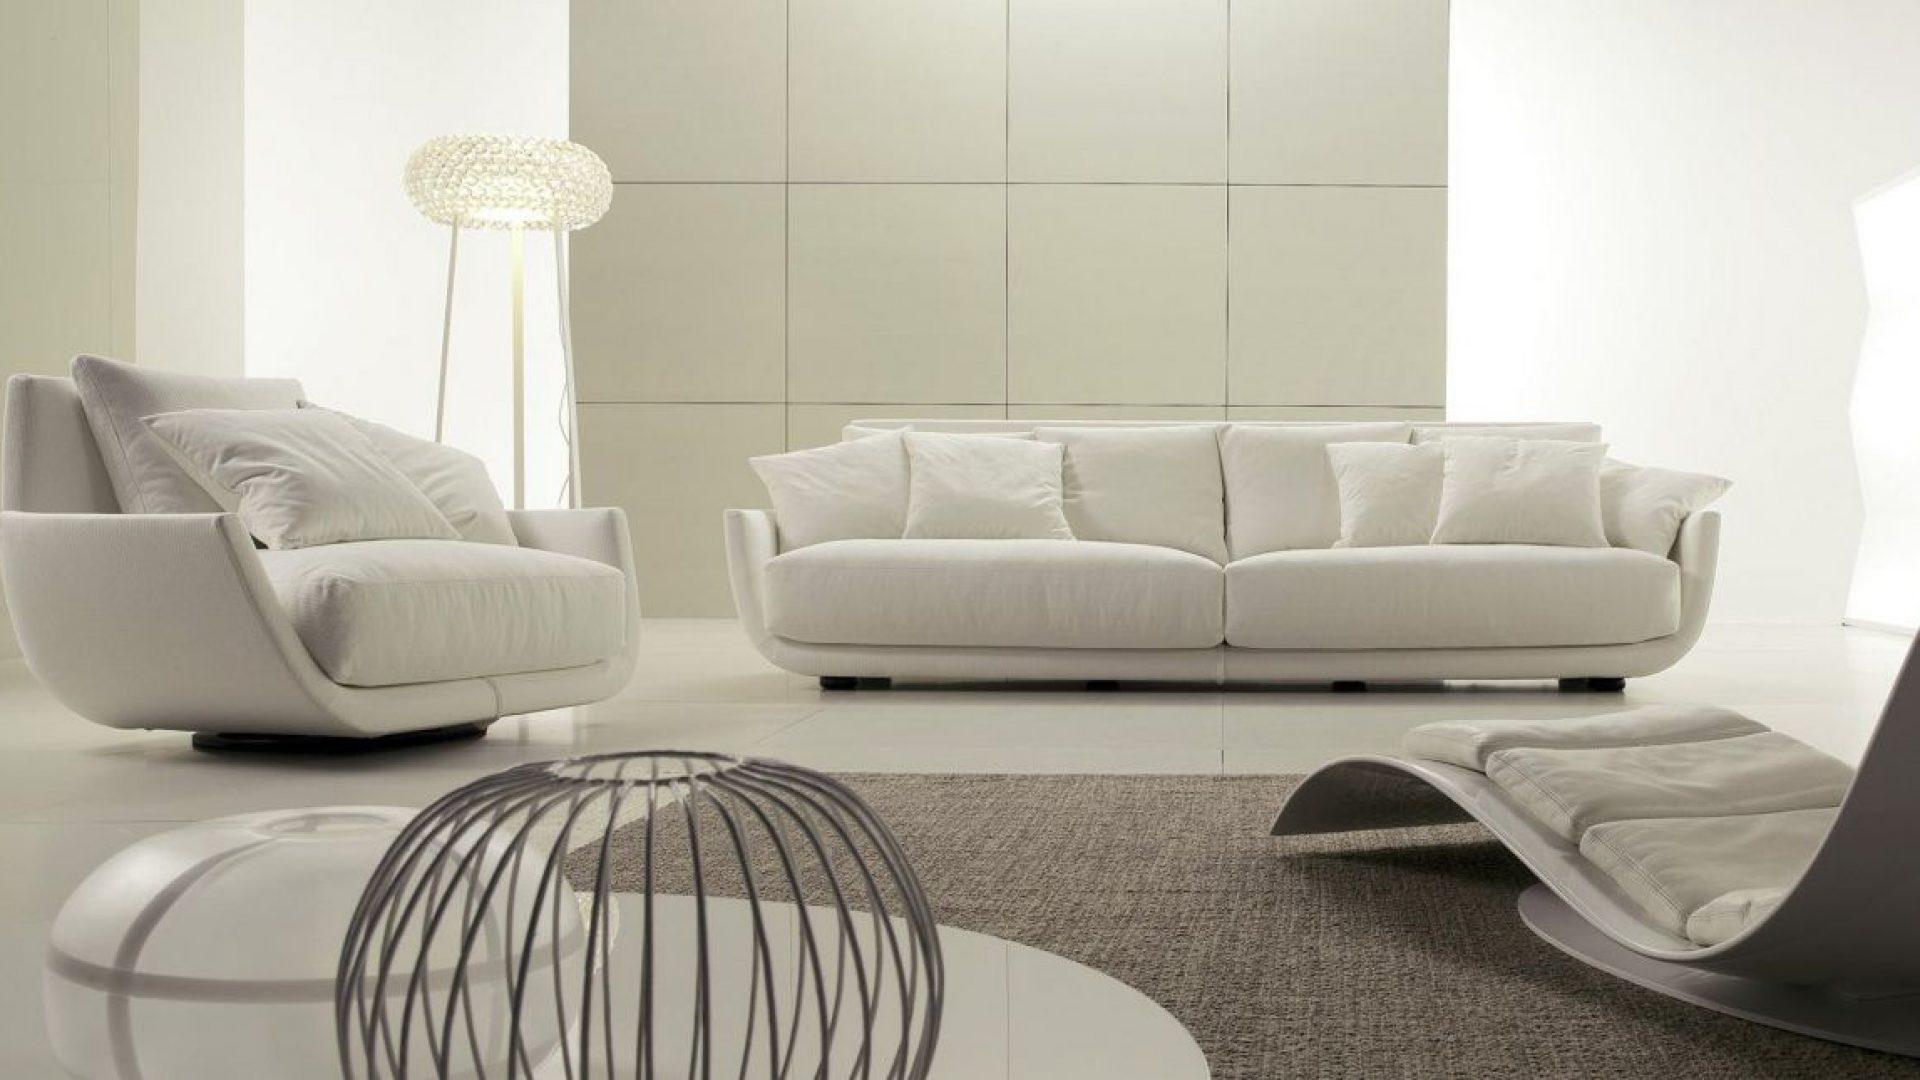 de_i_sofa-moderno-tuliss_gallery_73_L_4